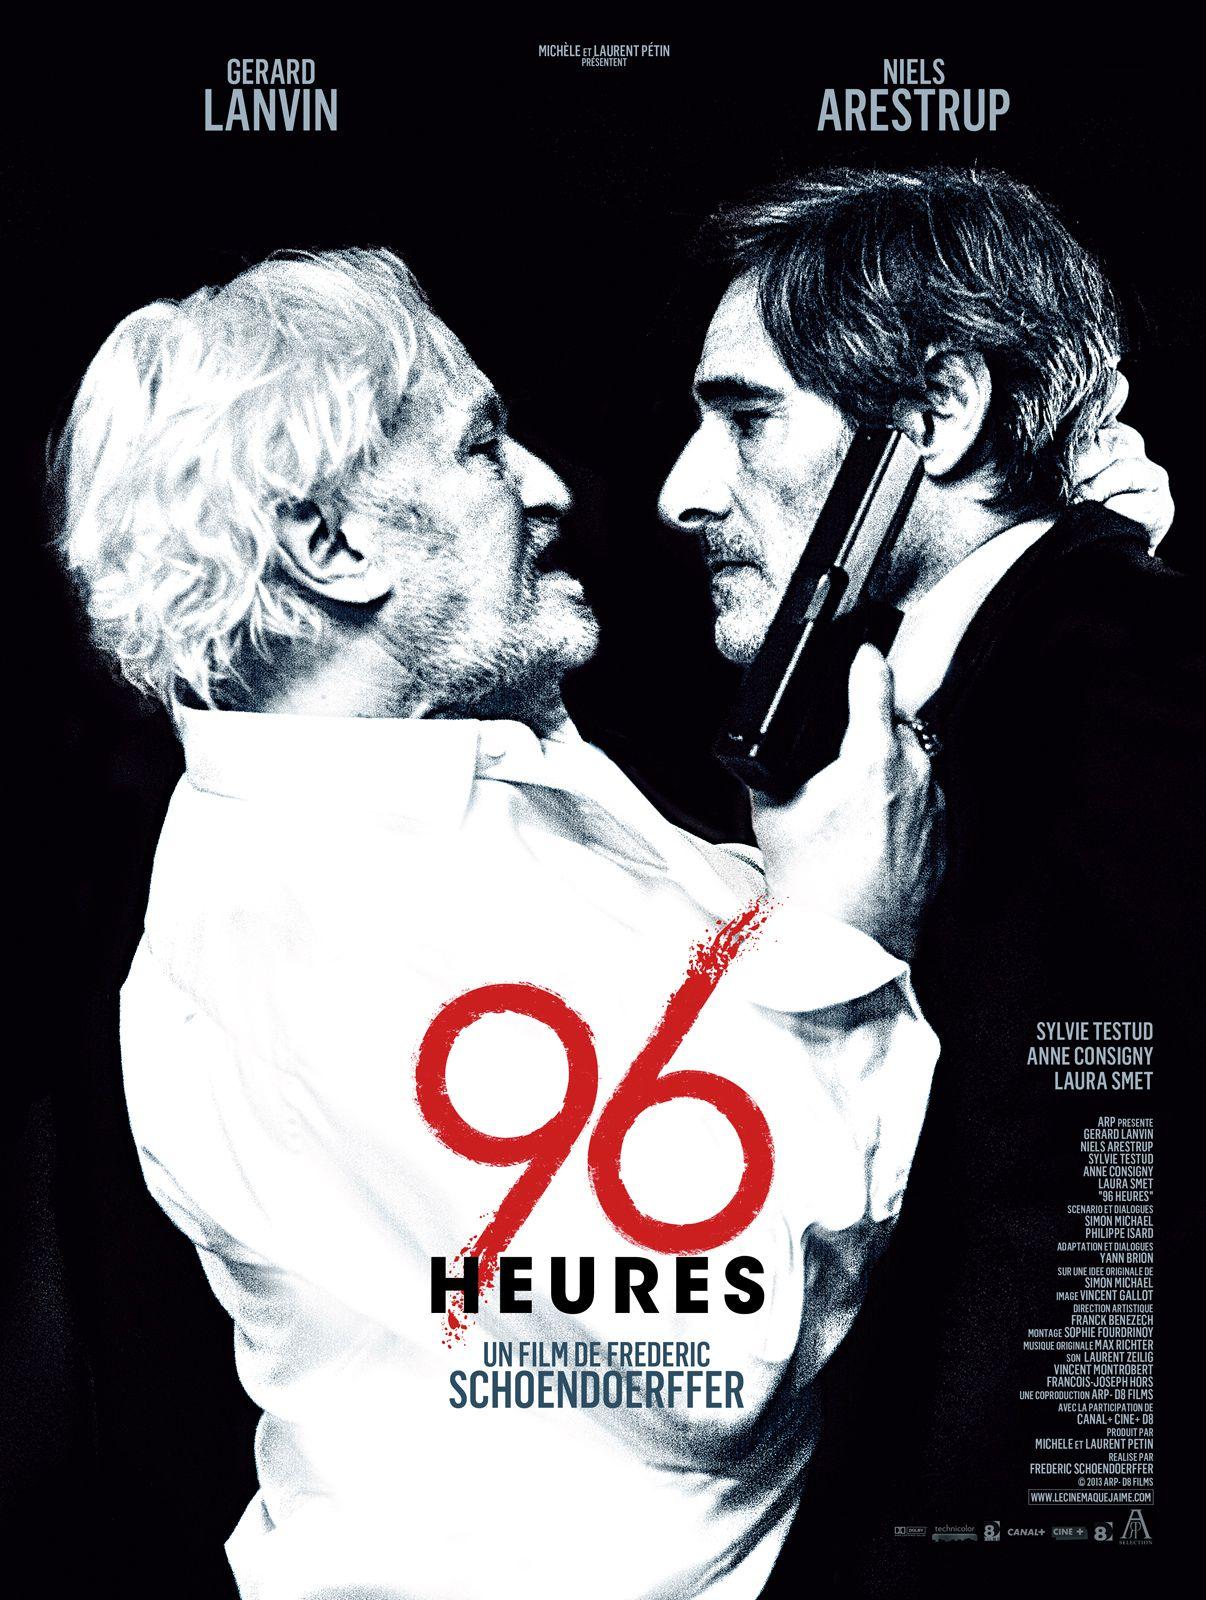 96 heures - Film (2014)